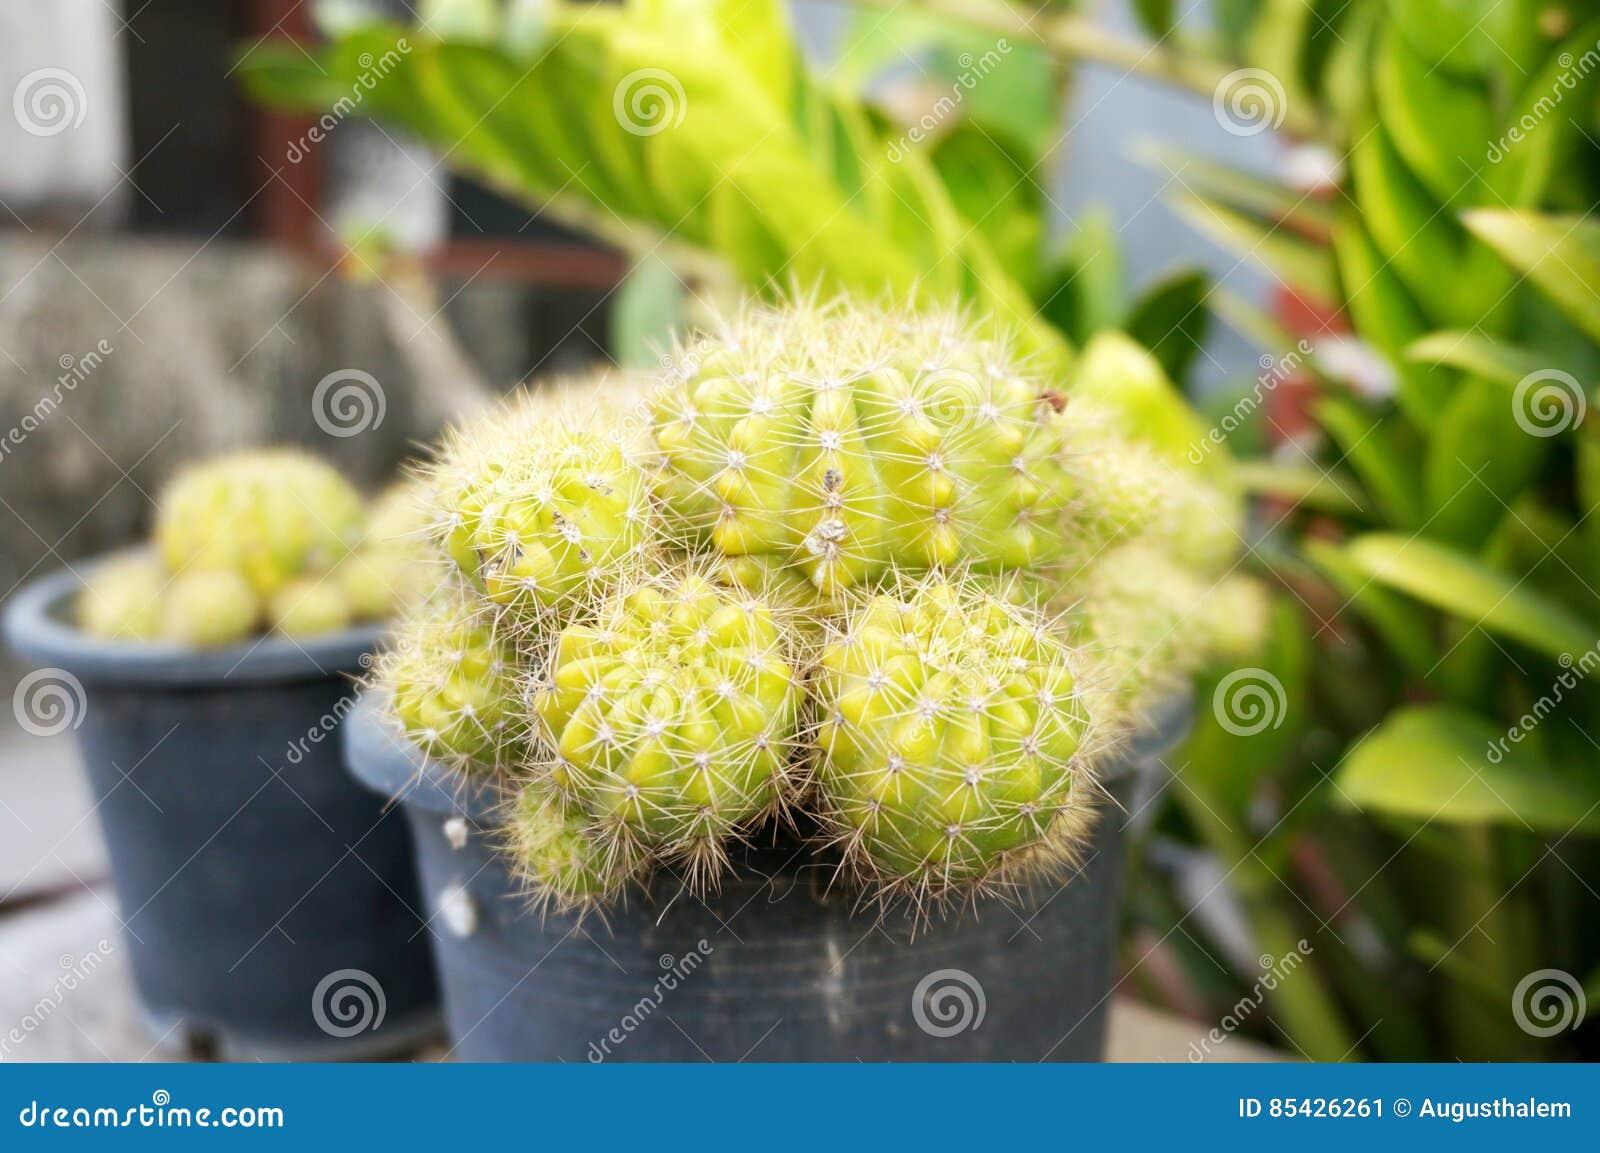 Macro photograph of Green Golden ball cactus